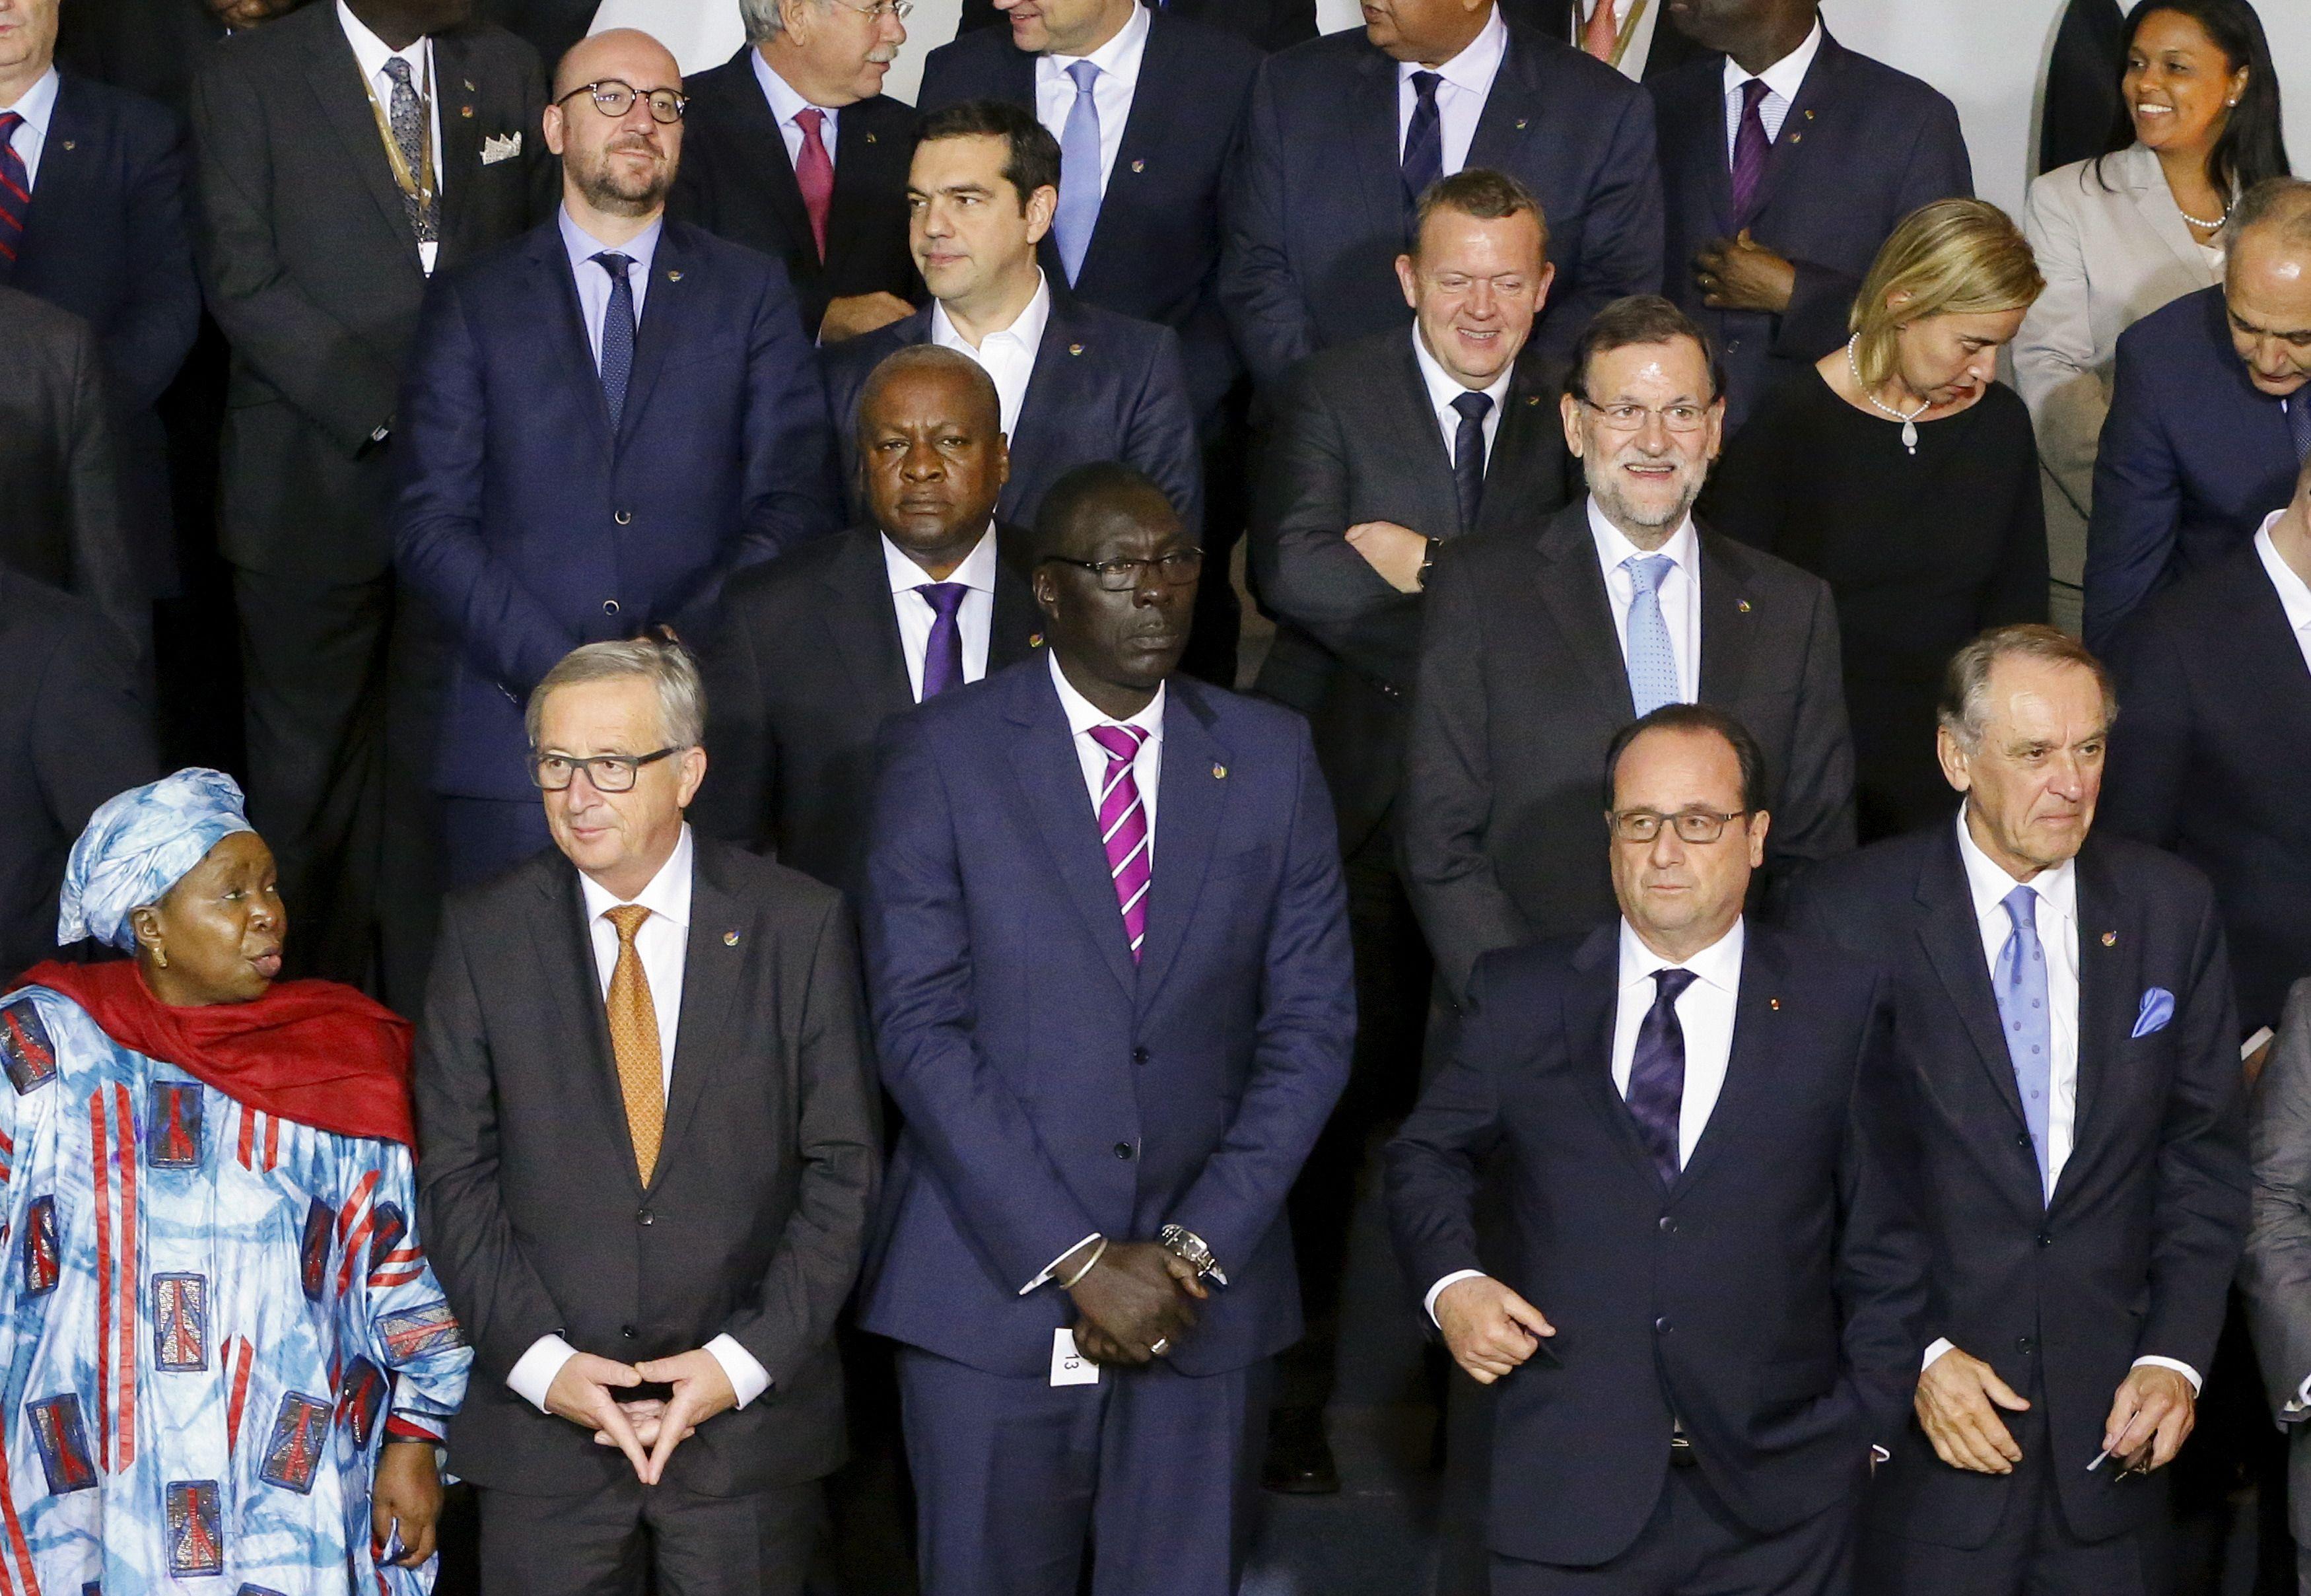 Dirigeants africains et européens à La Valette le 11 novembre 2015.